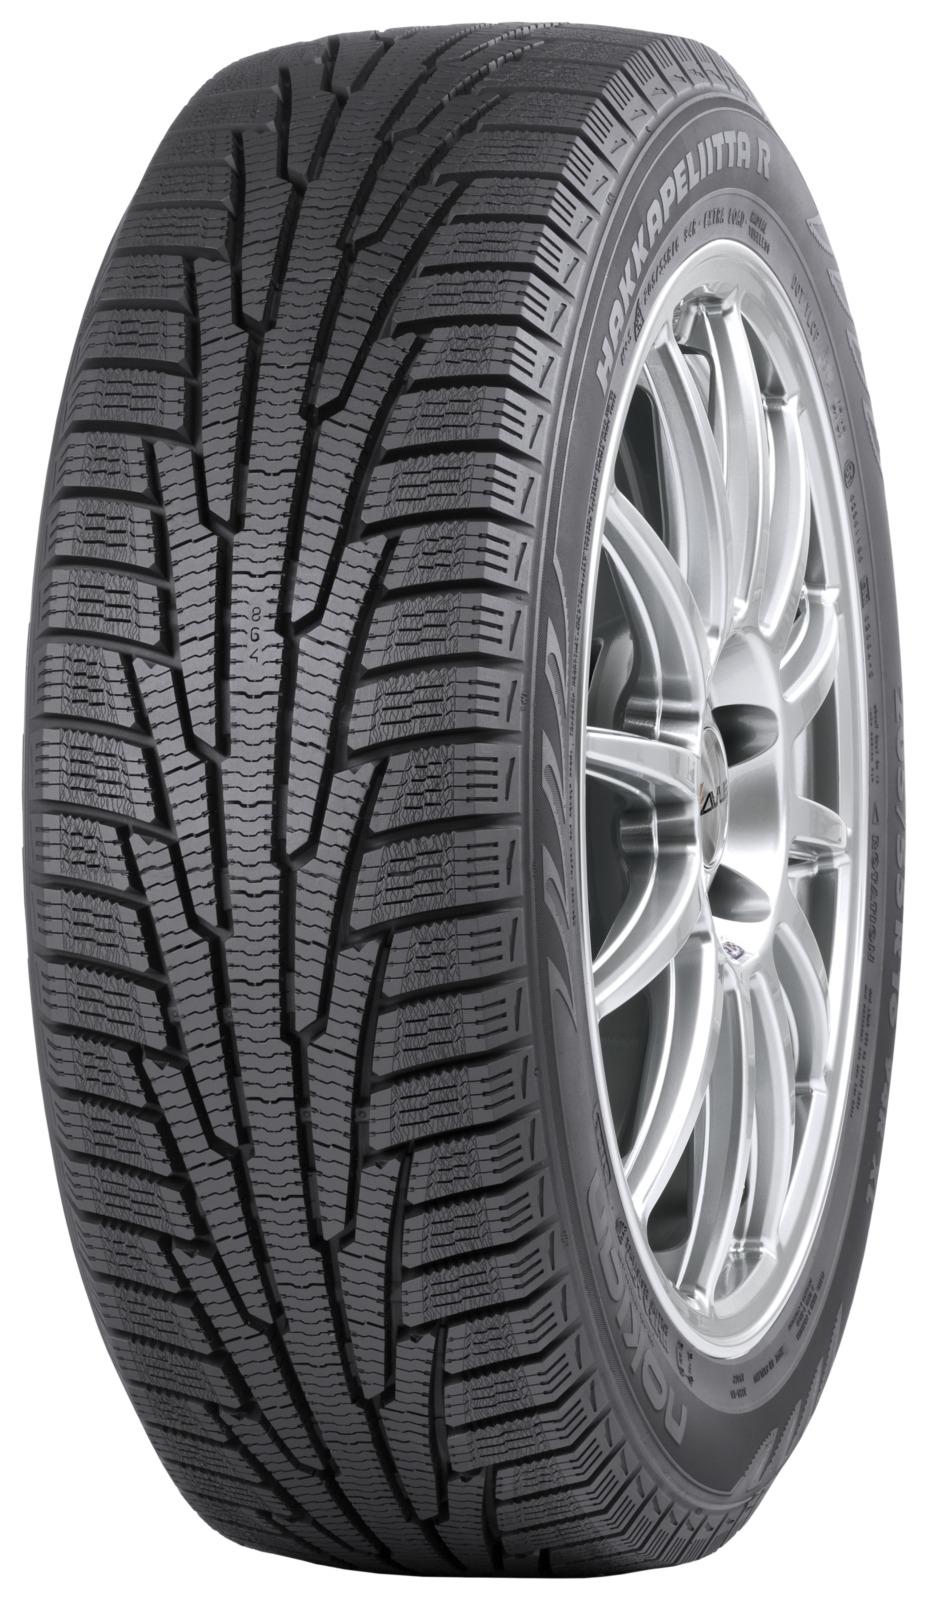 Nokian Hakkapeliitta R3 - Winter tires / Nokian Tires